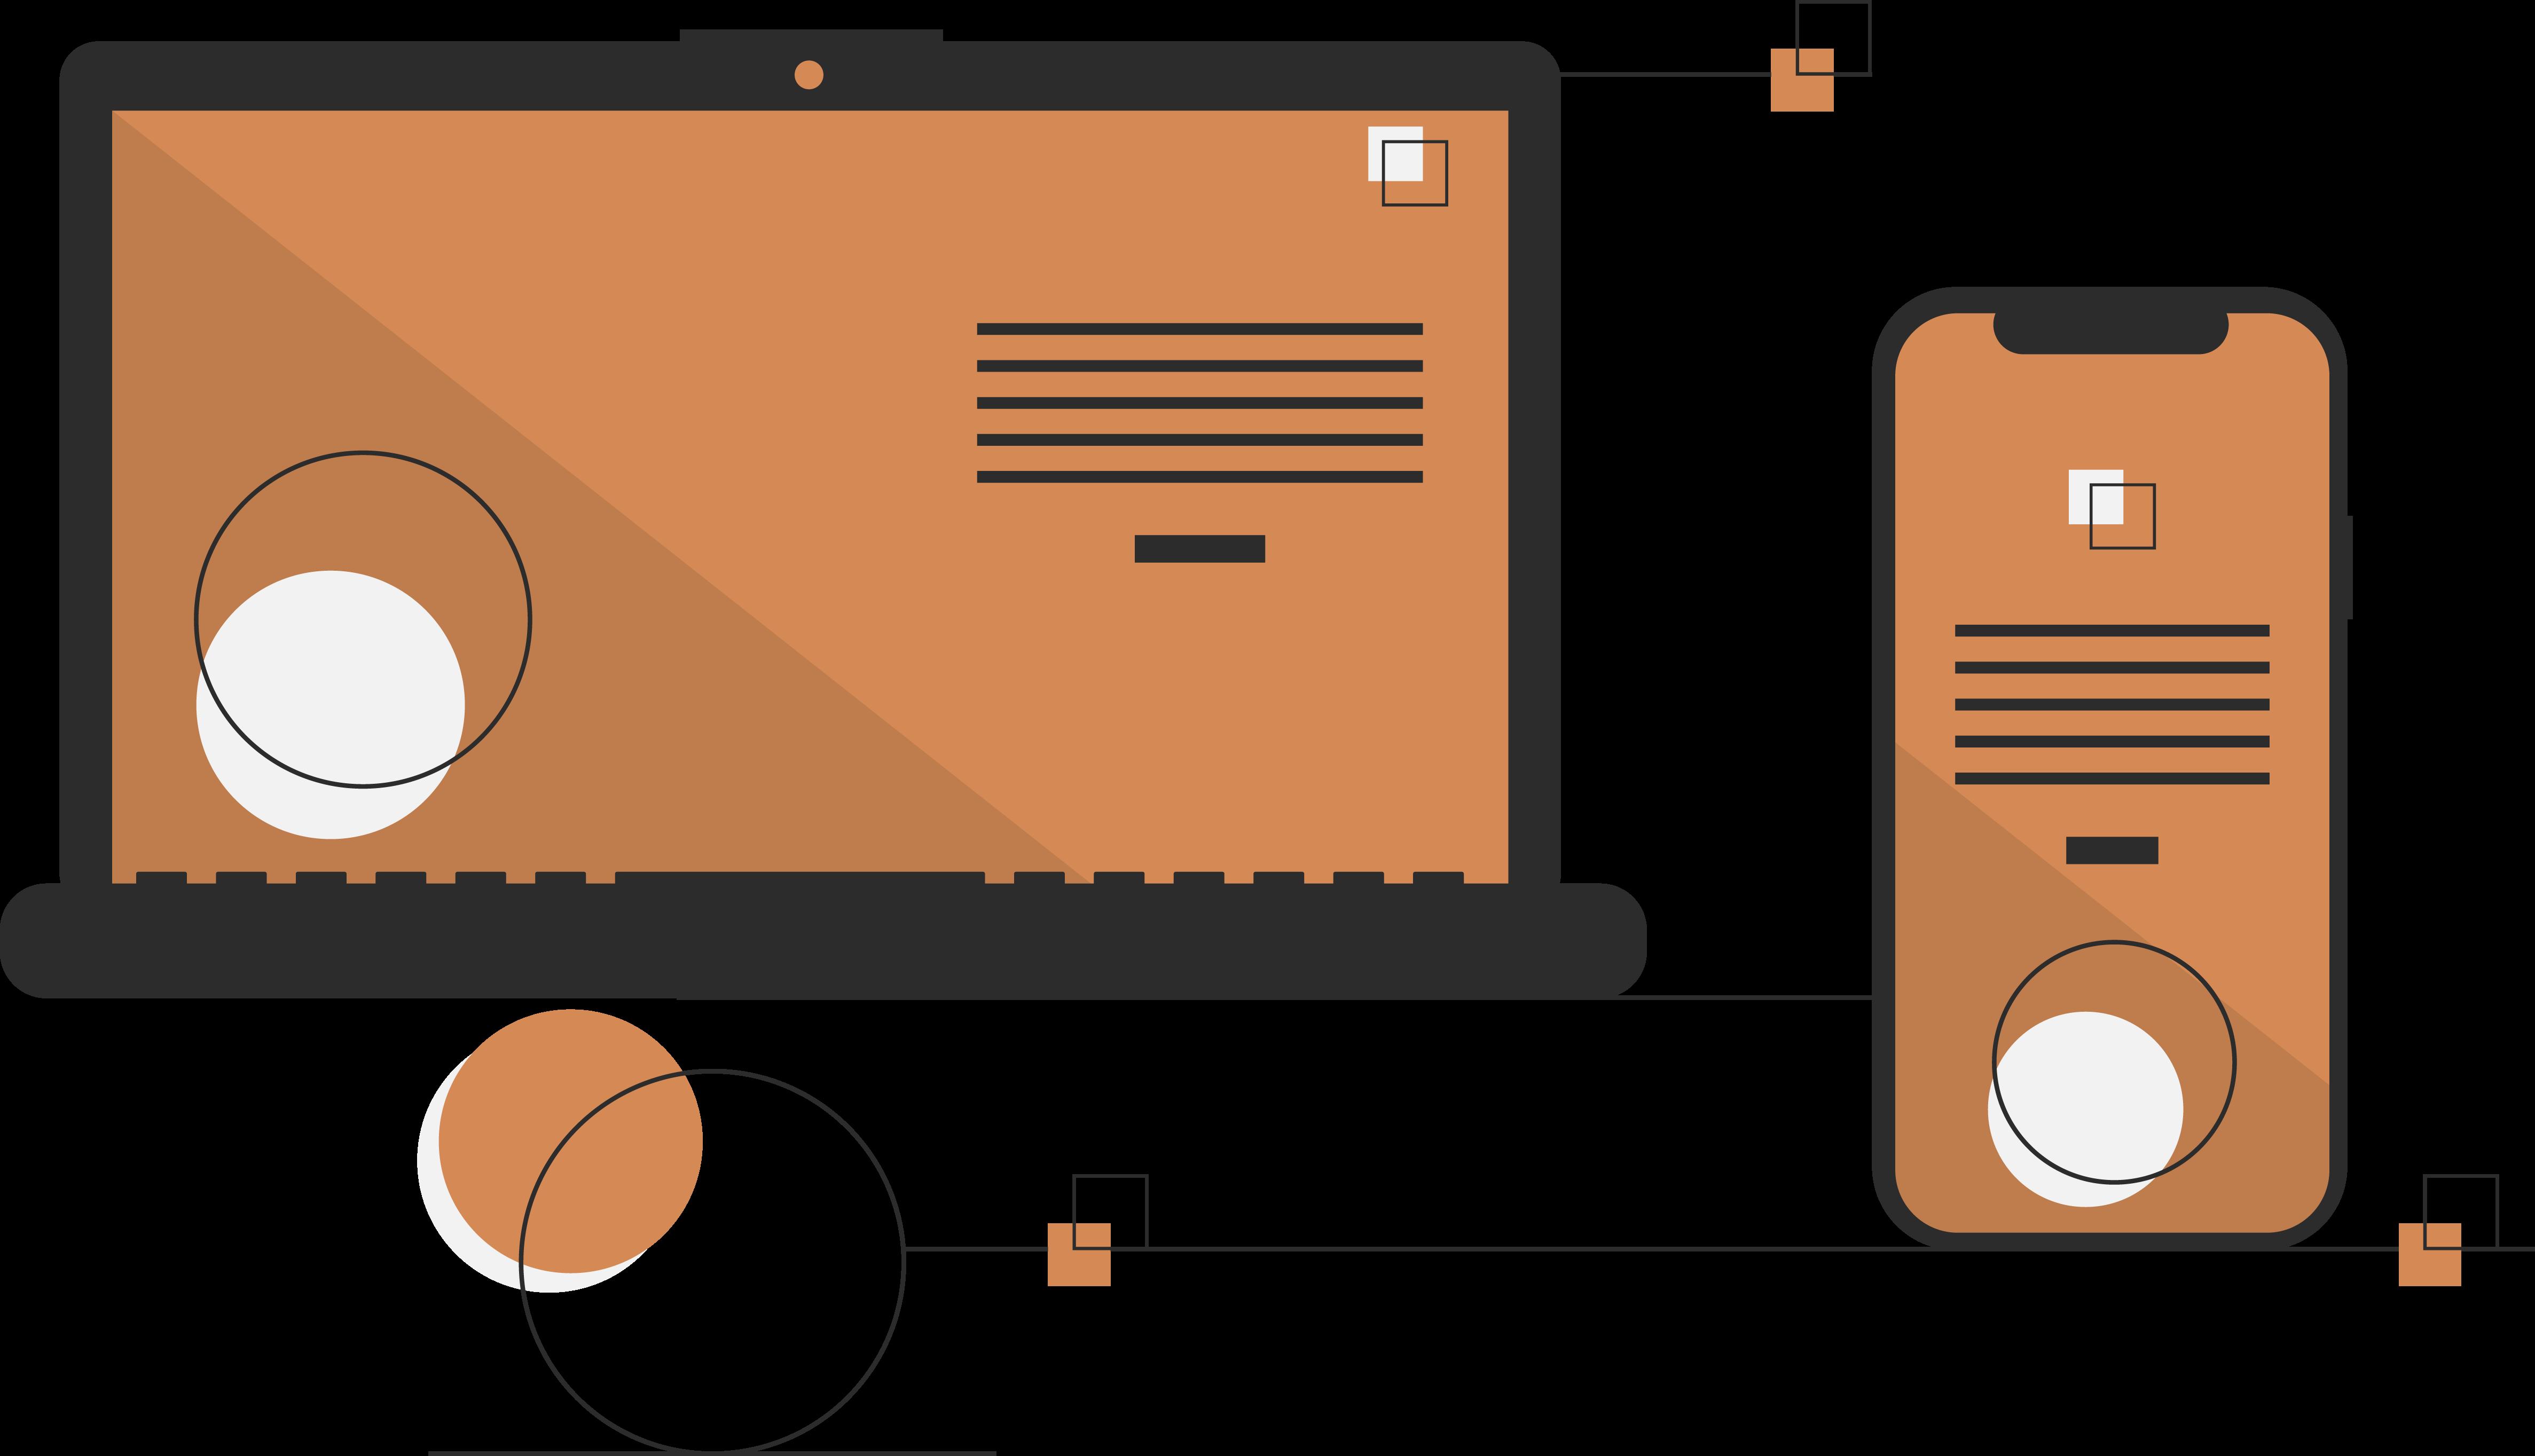 Business-Software auf einem Laptop und Smartphone